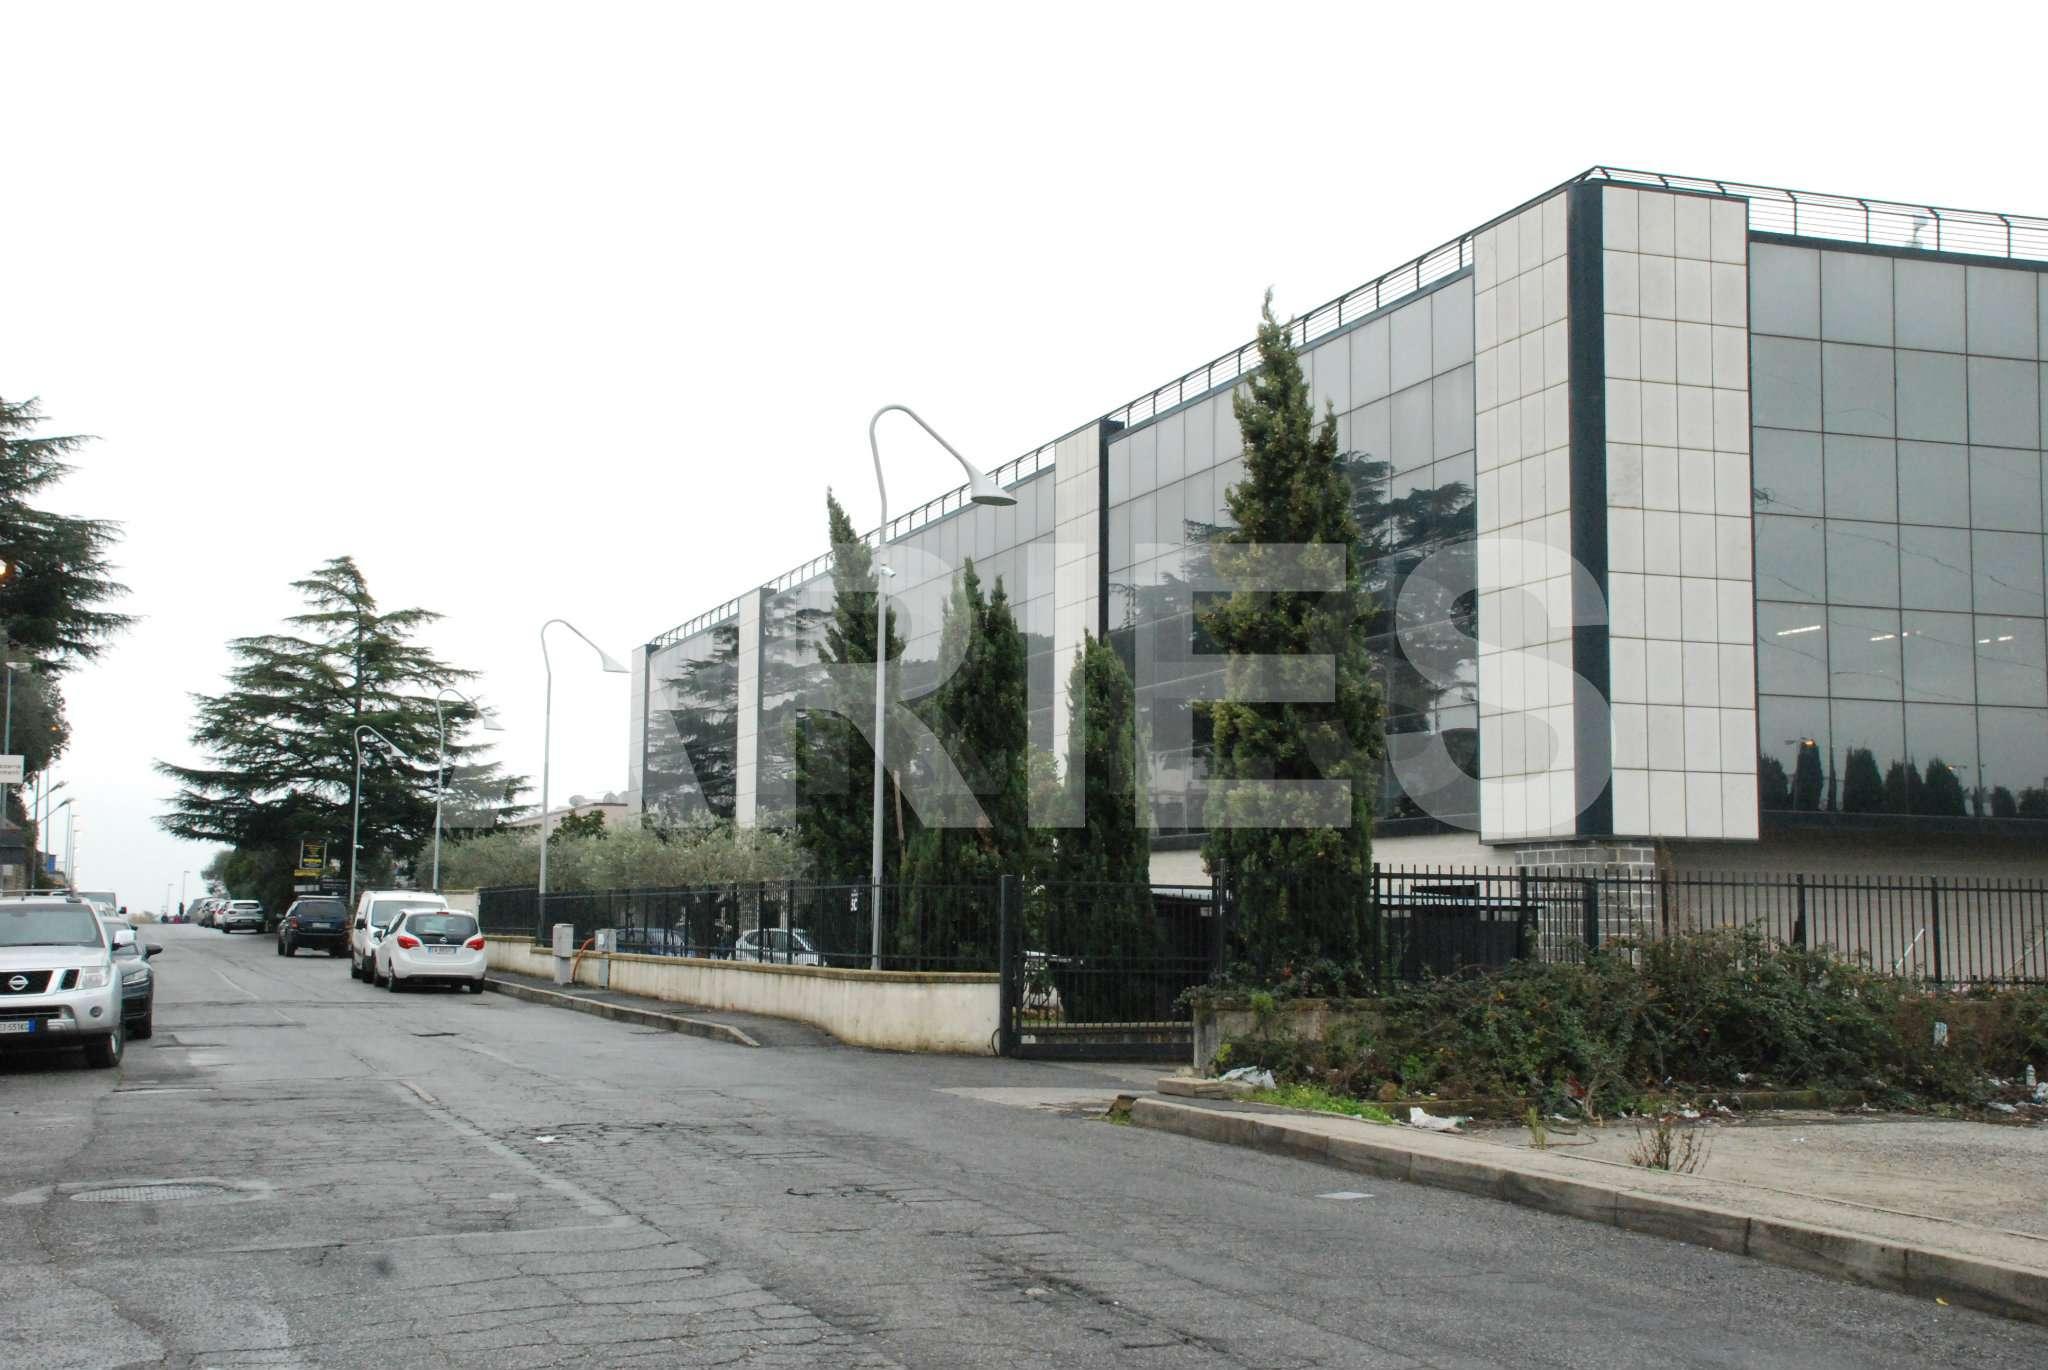 Ufficio / Studio in vendita a Formello, 7 locali, prezzo € 320.000 | CambioCasa.it